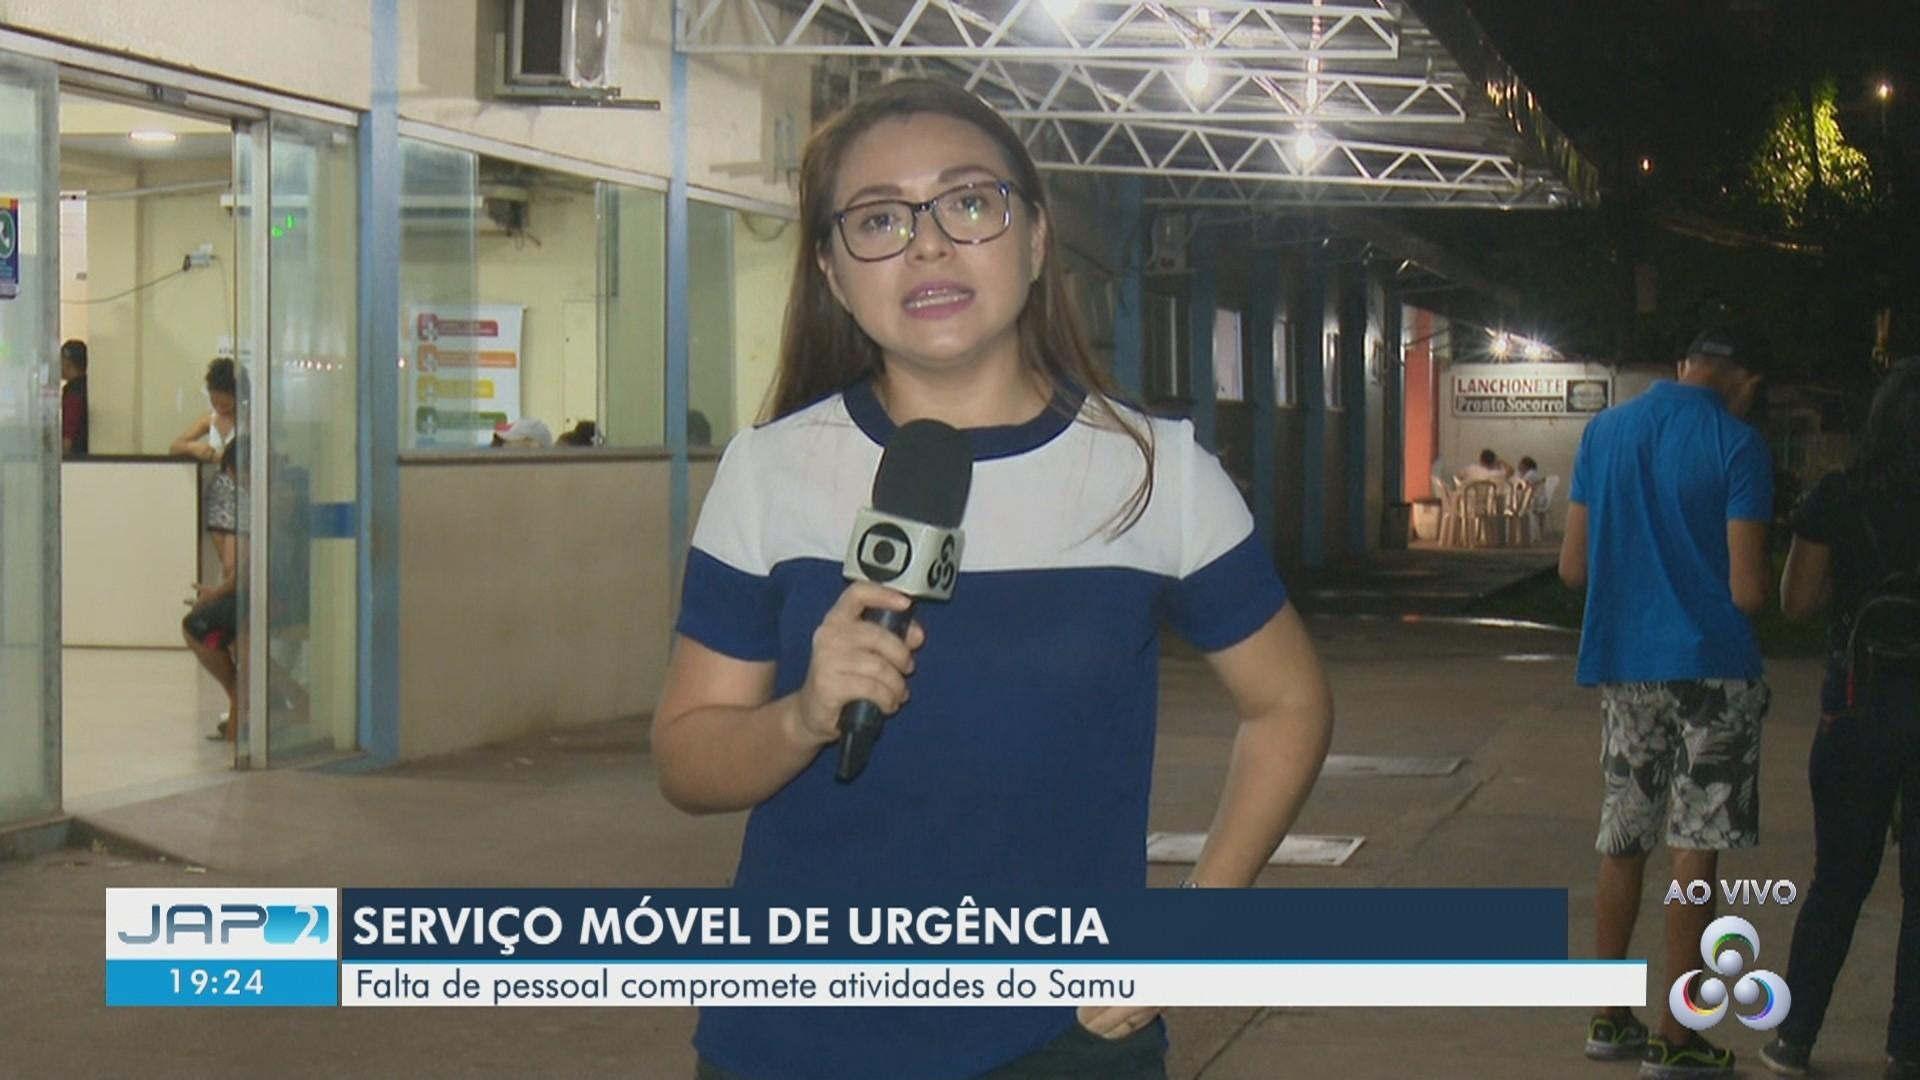 II Semana de Astronomia Indígena tem palestras e oficinas, em Manaus - Noticias